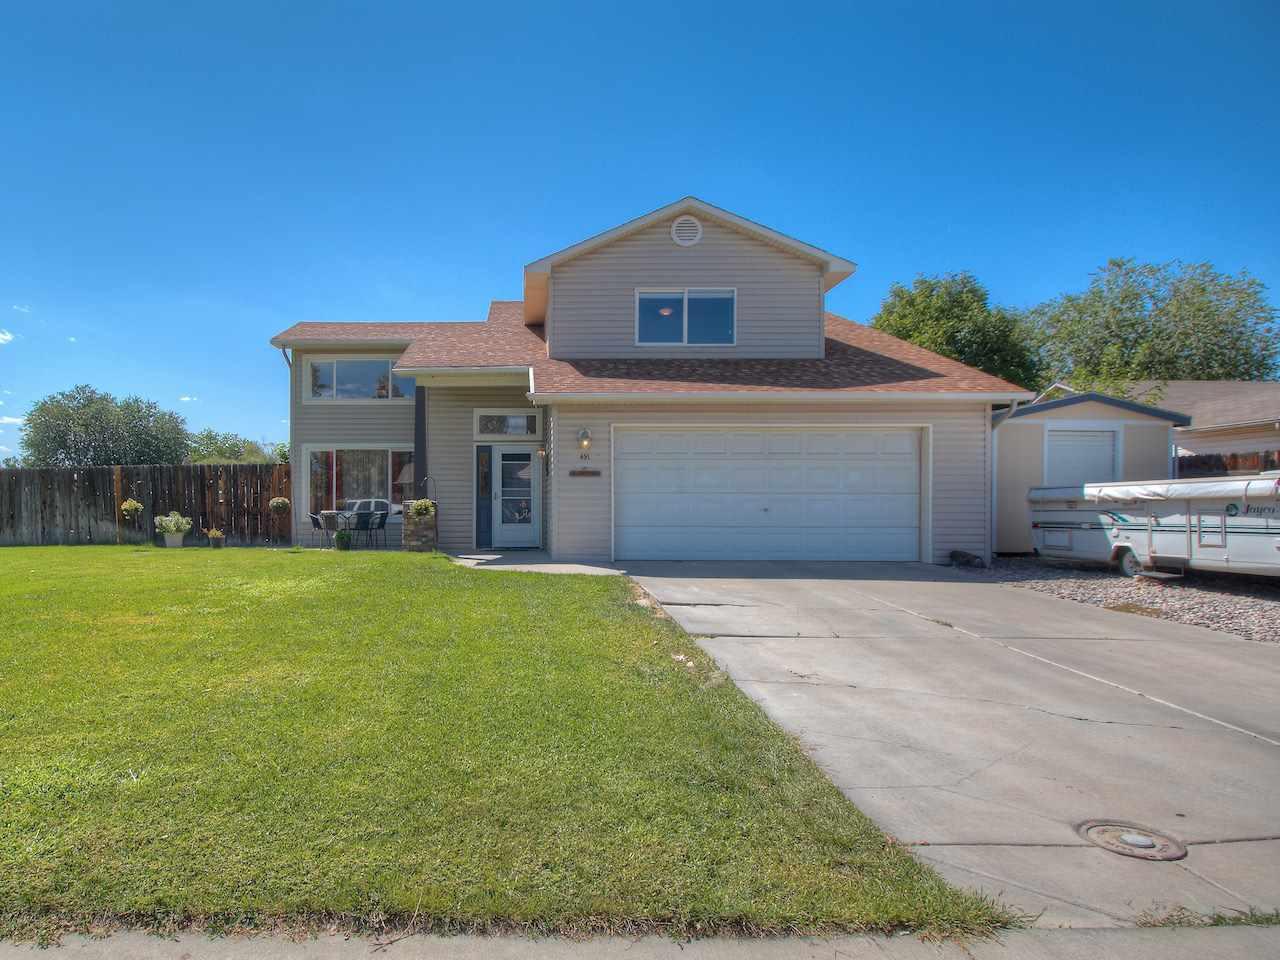 491 Sundown Drive, Grand Junction, CO 81504